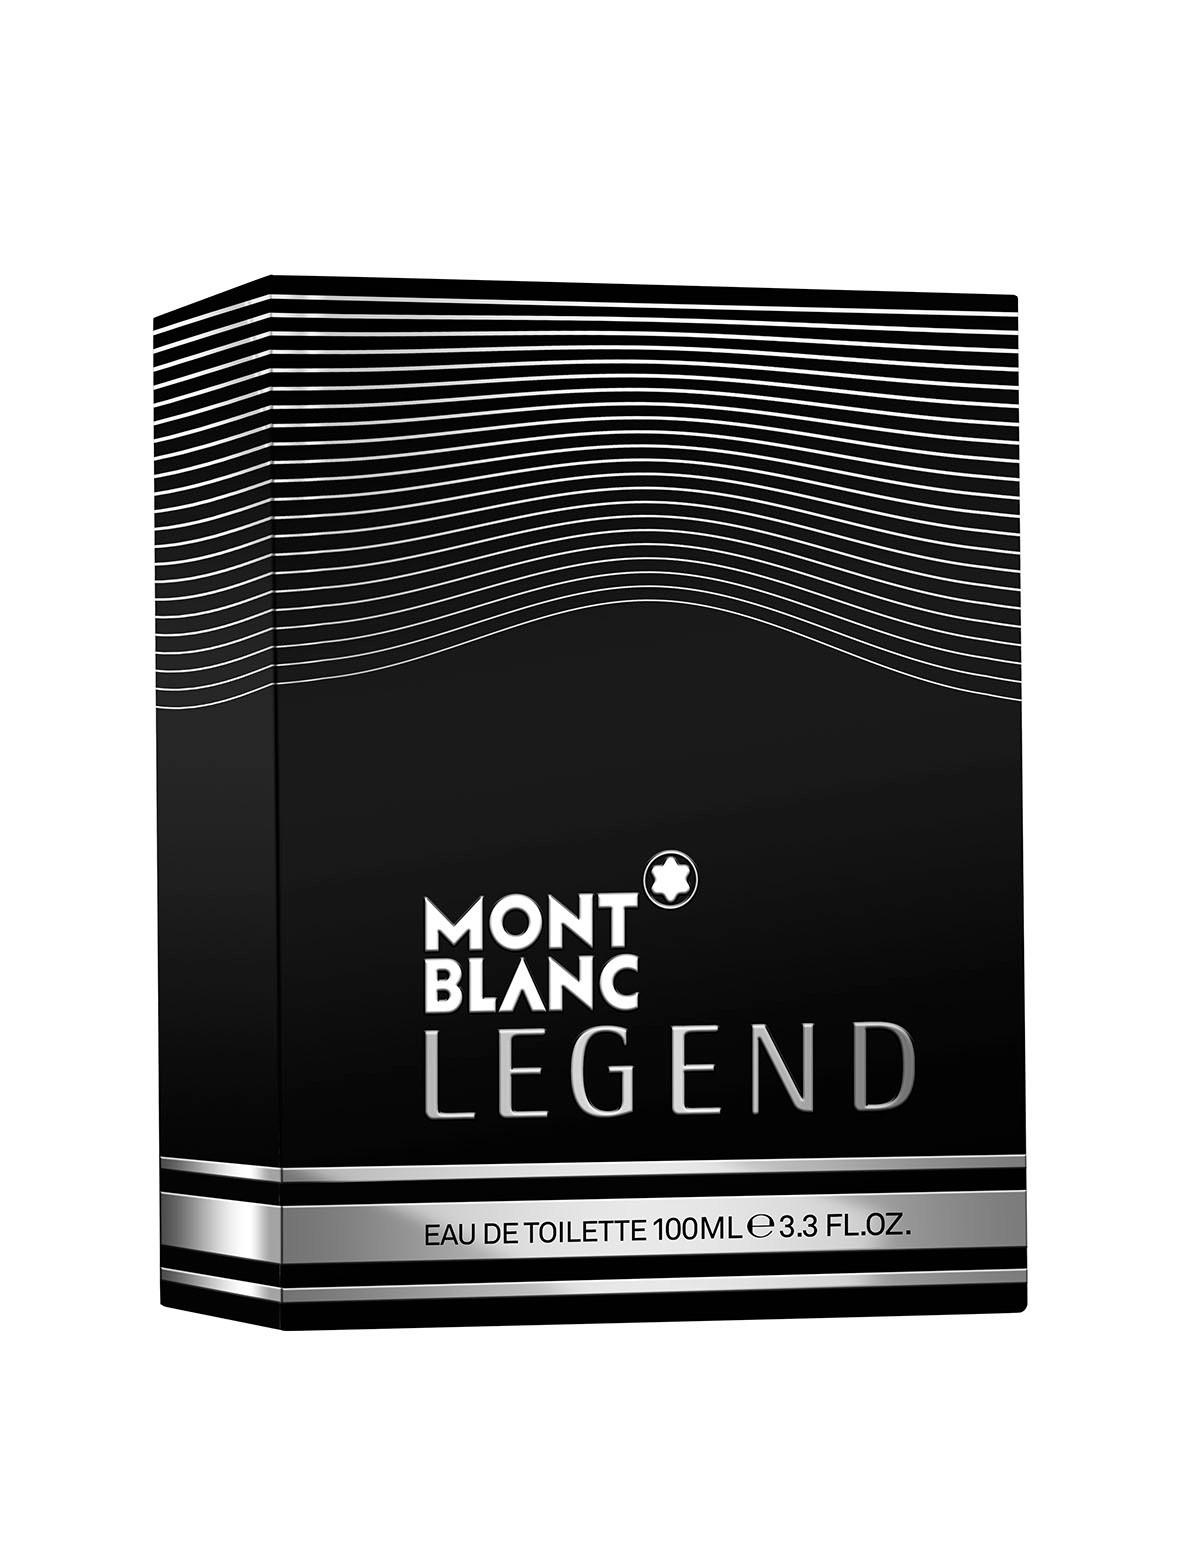 Montblanc Legend Eau de Toilette 100 ml, Nero, large image number 2